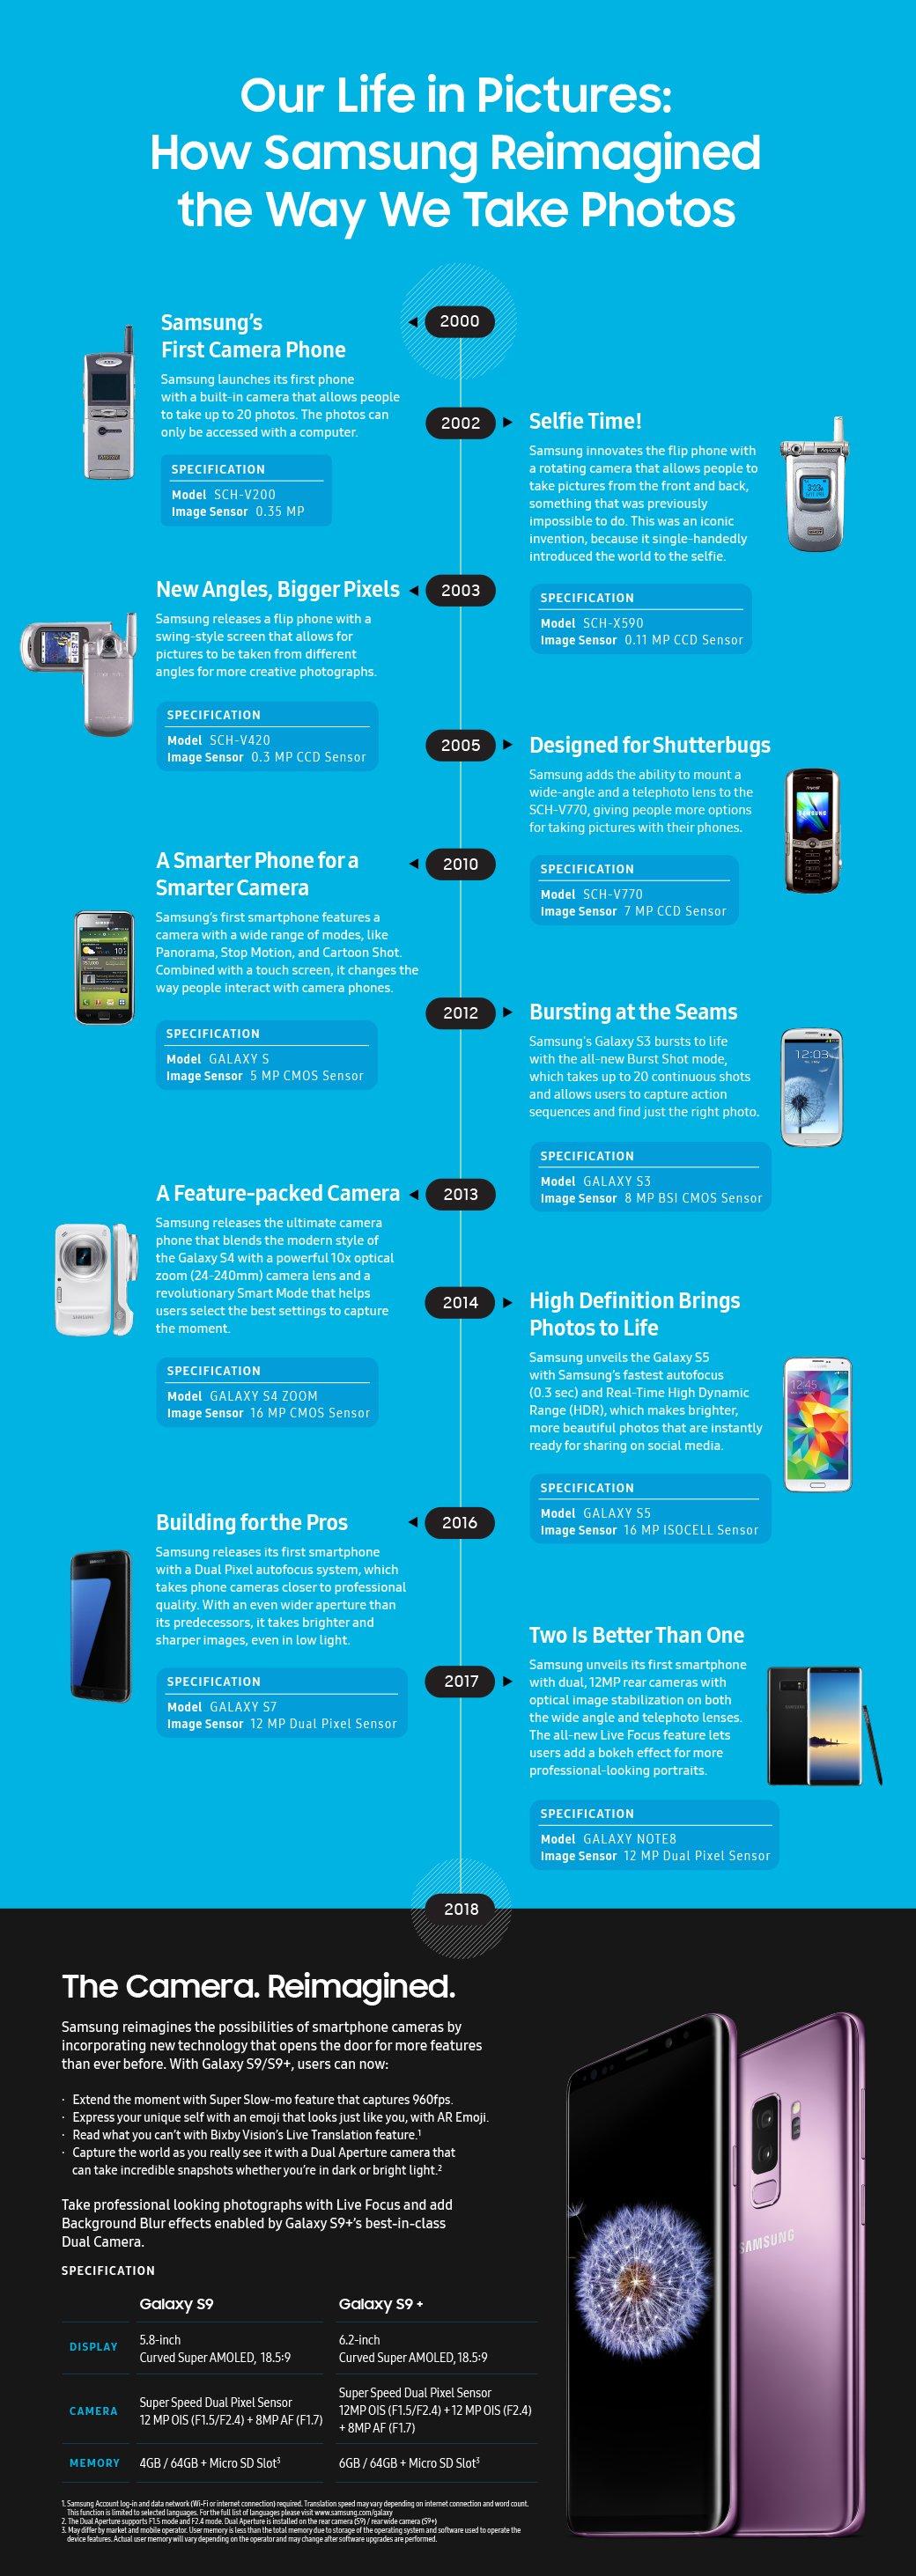 18 lat minęło... Jak przez ten czas zmieniały się aparaty w telefonach i smartfonach Samsunga? 24